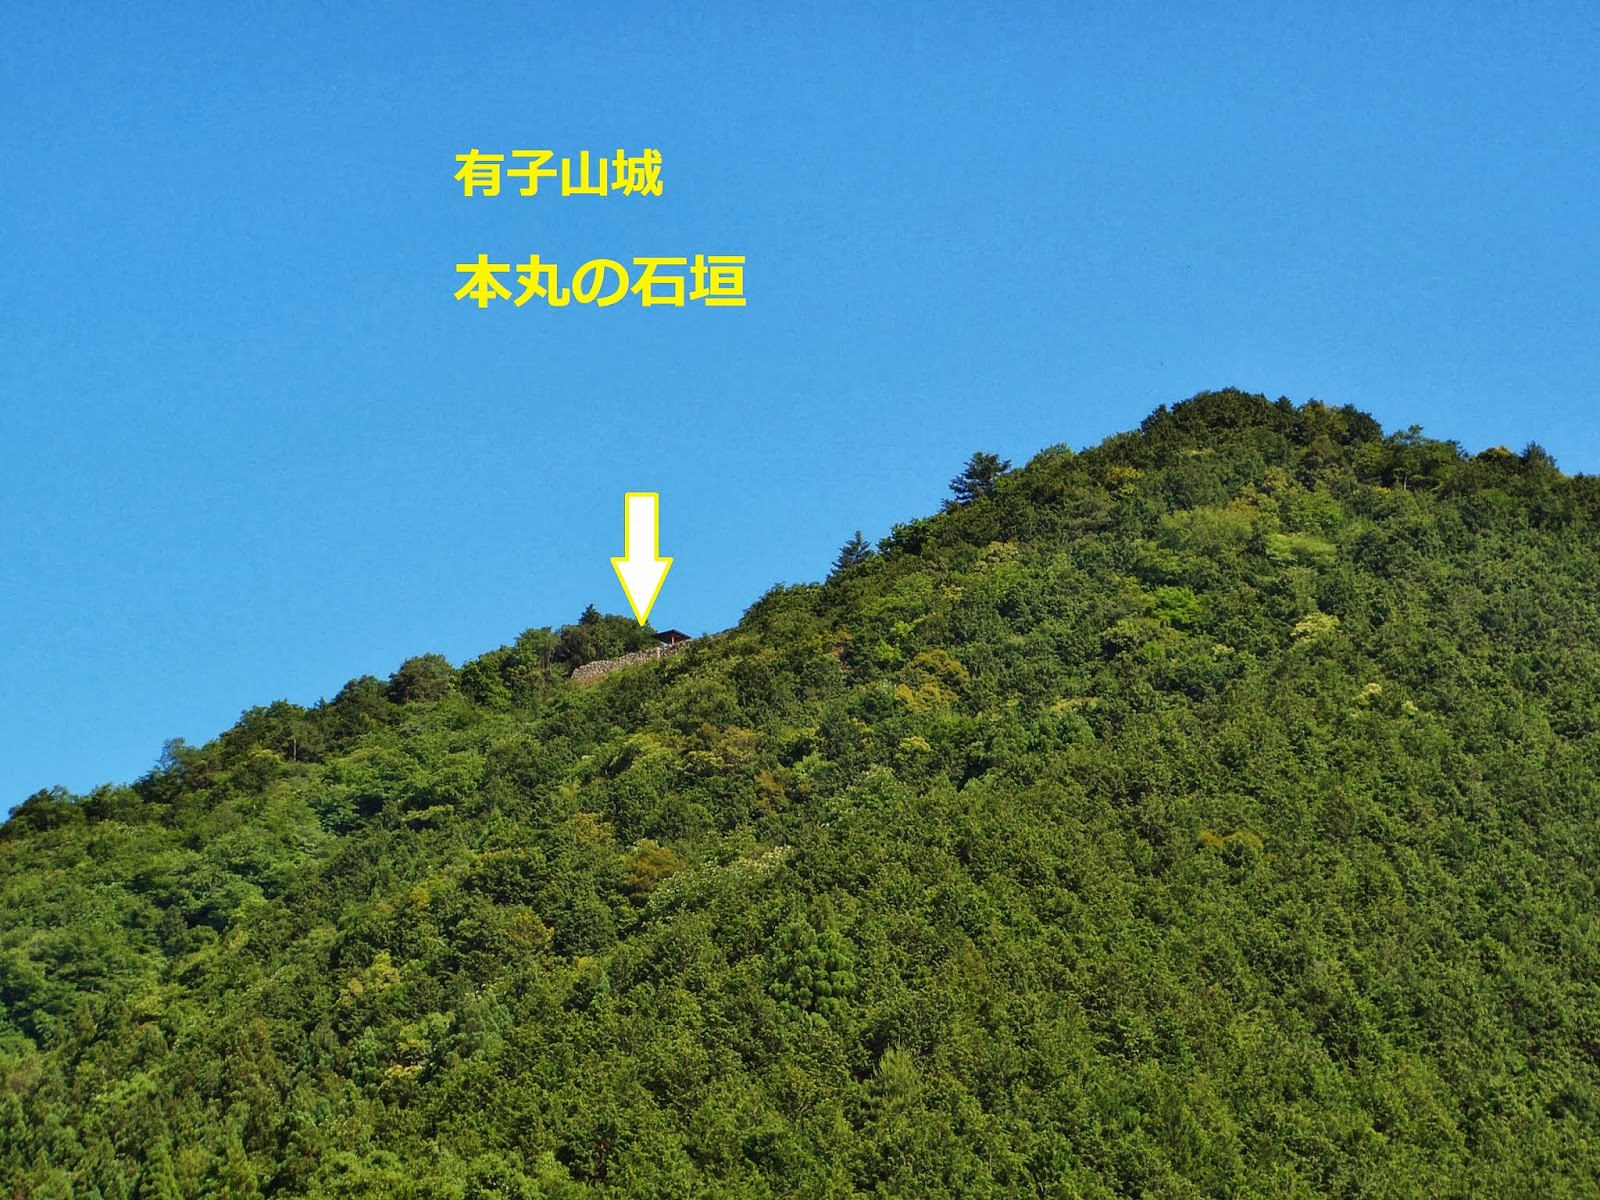 西国の山城  Original text